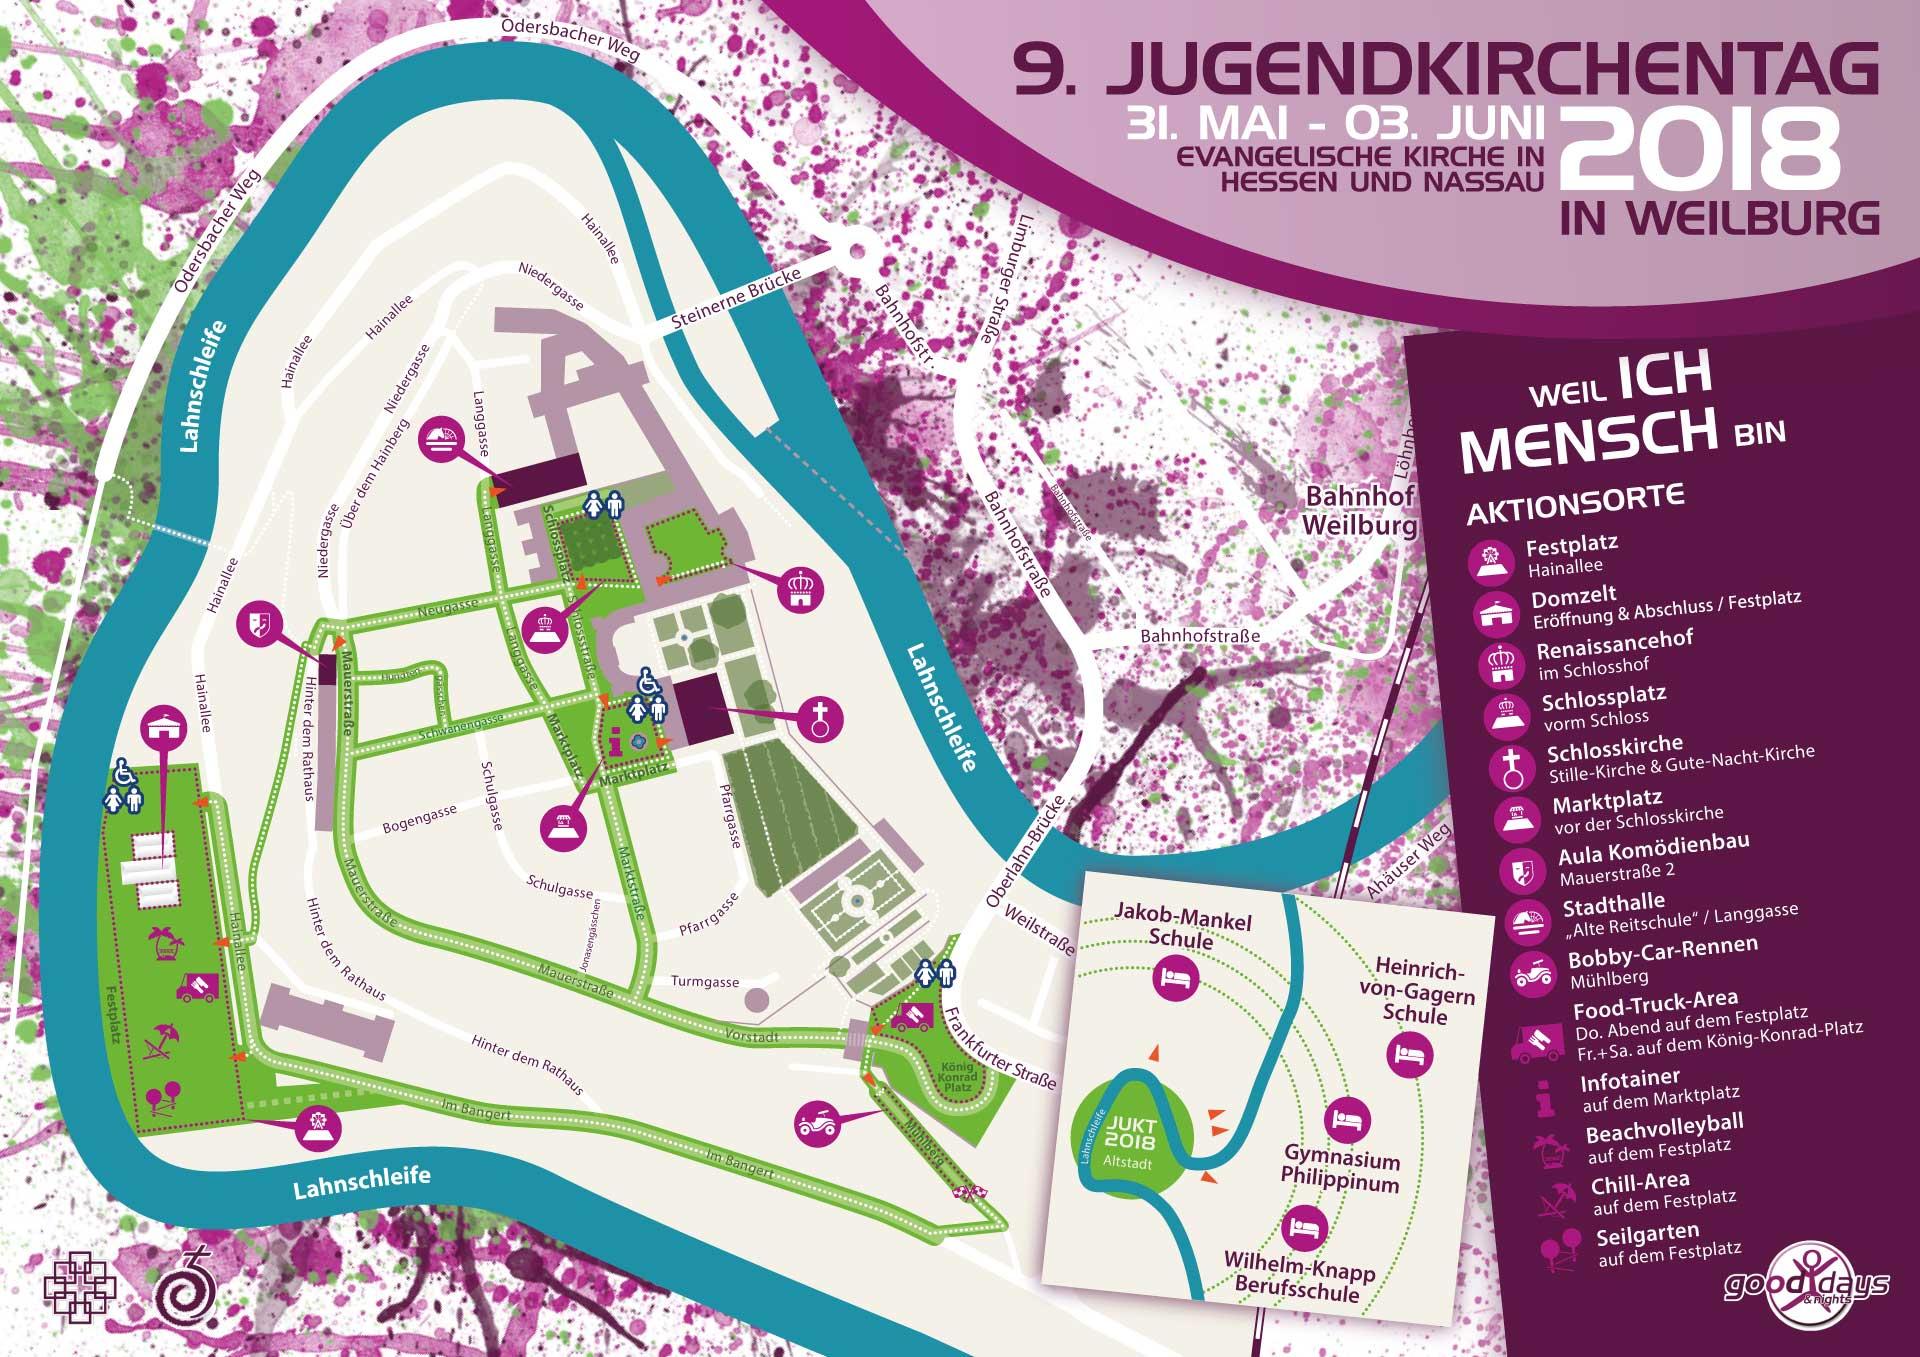 Orientierungskarte für die JUKT 2018 Weilburg | Go(o)d days & nights